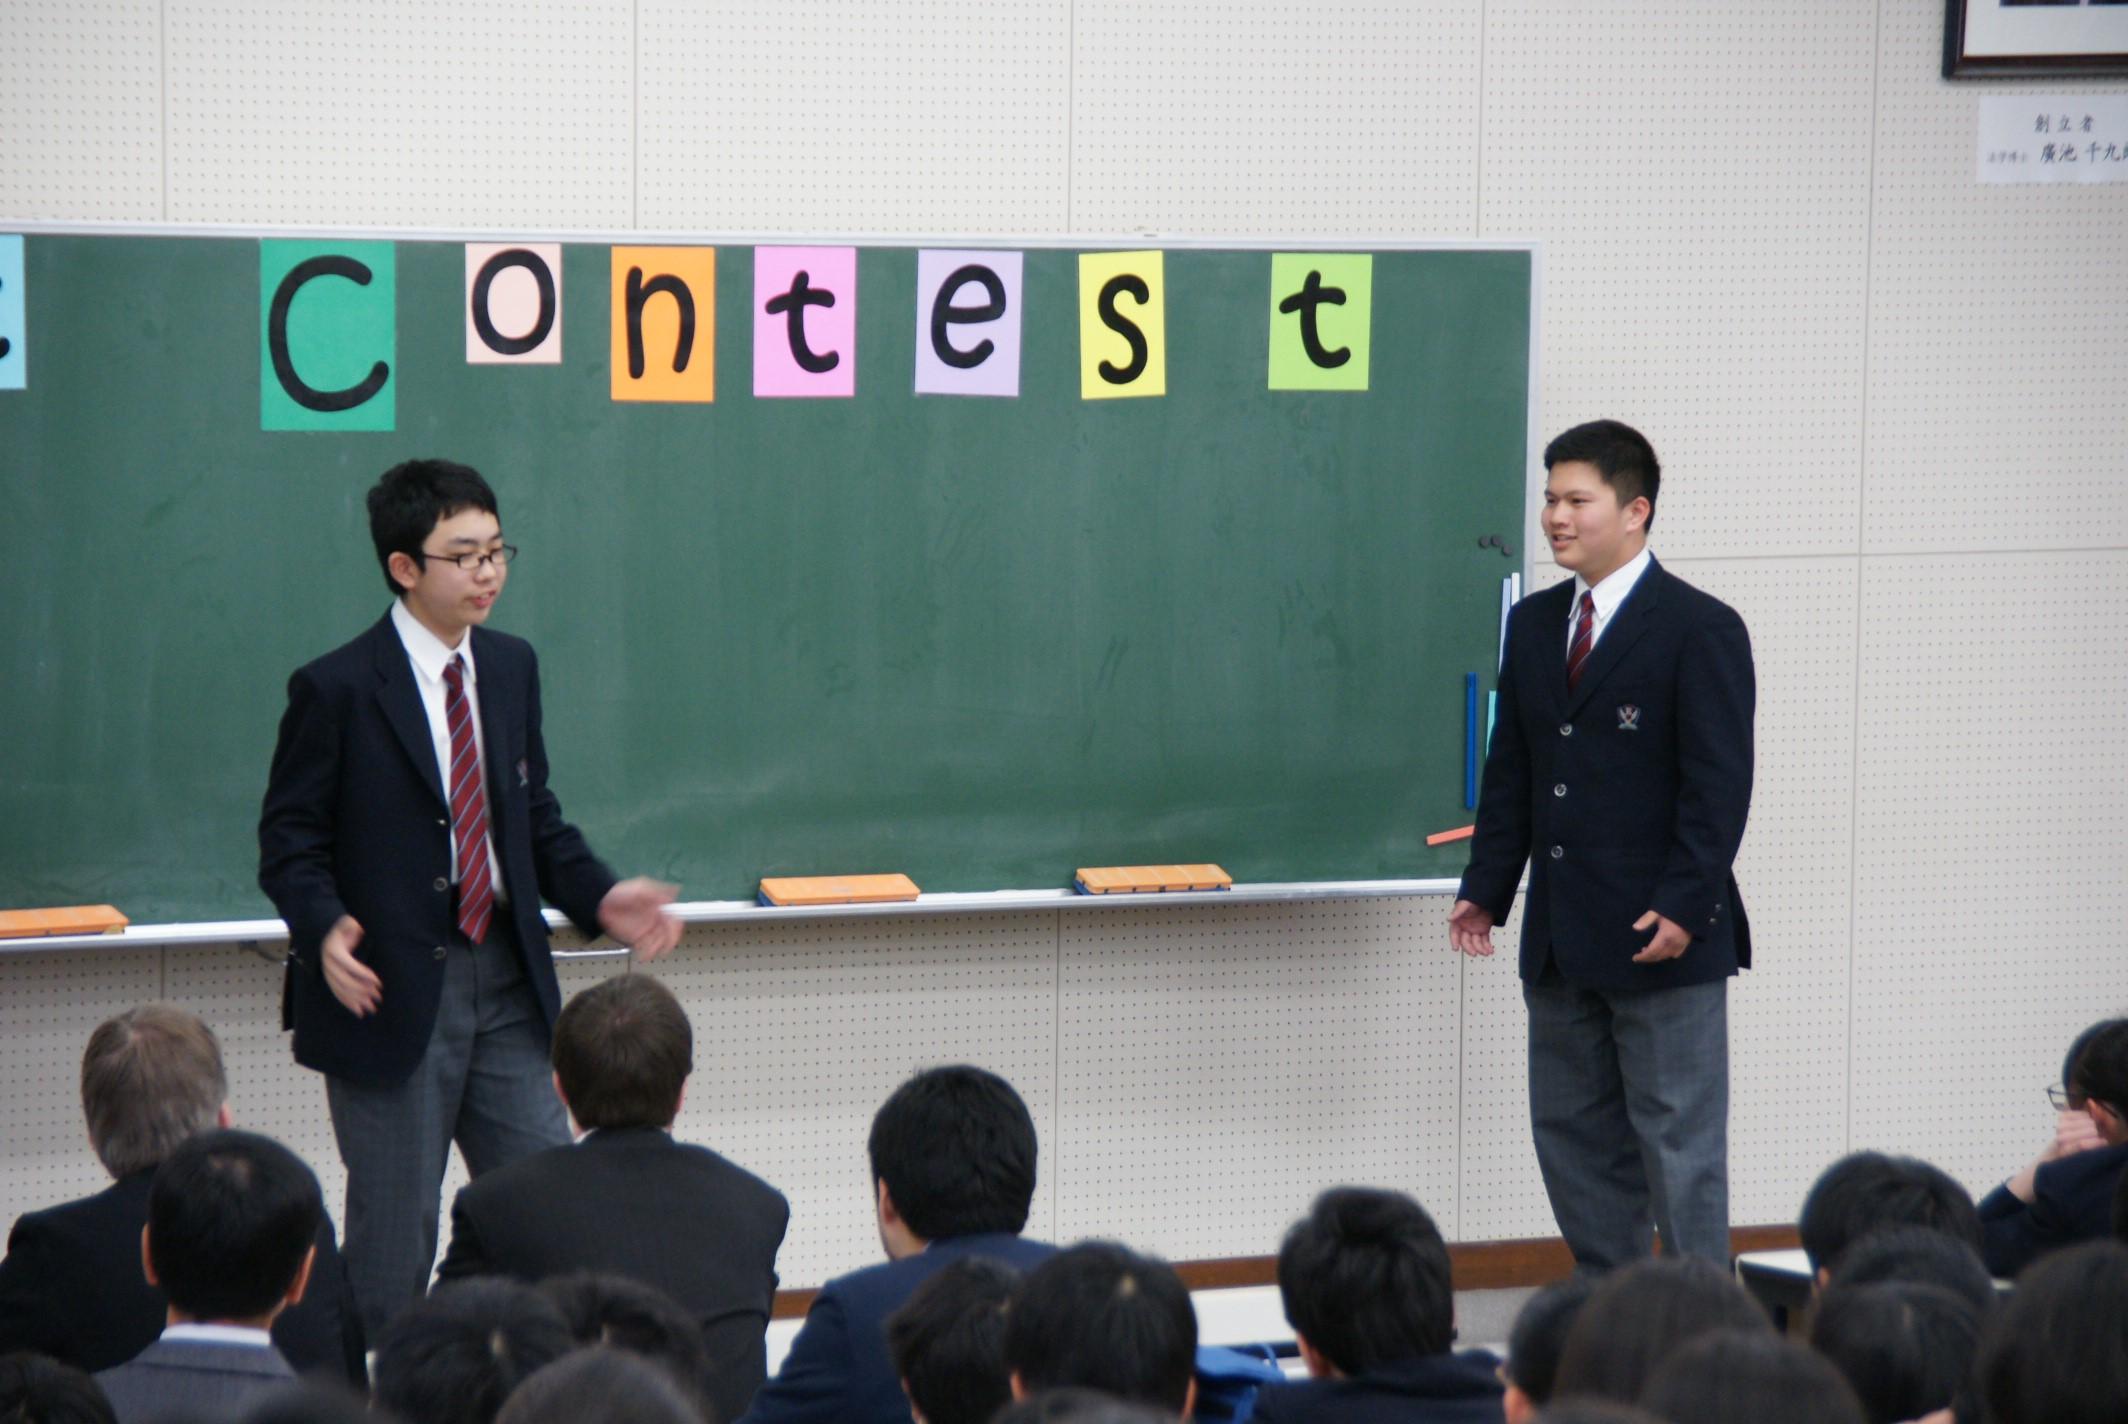 一から全て生徒がつくる120秒の英語寸劇 全てが英語の世界「スキットコンテスト2020」開催